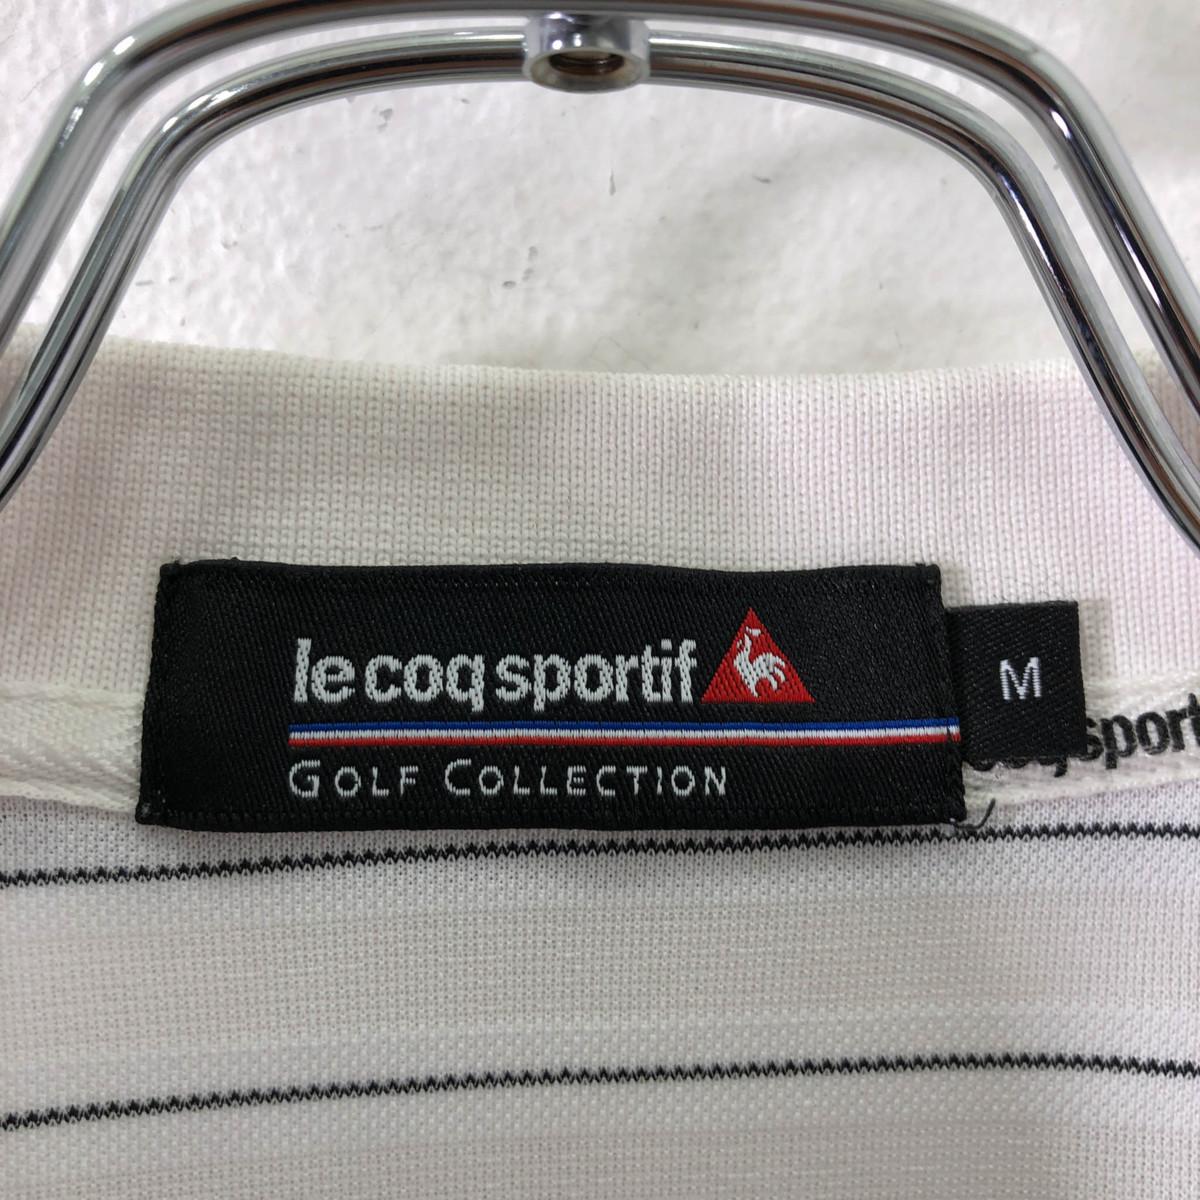 ゴルフに!!◆le coq sportif GOLF ルコック ゴルフ ロゴ刺繍 ボーダー柄 半袖 ドライ ポロシャツ M/メンズ スポーツ 白 ホワイト_画像6